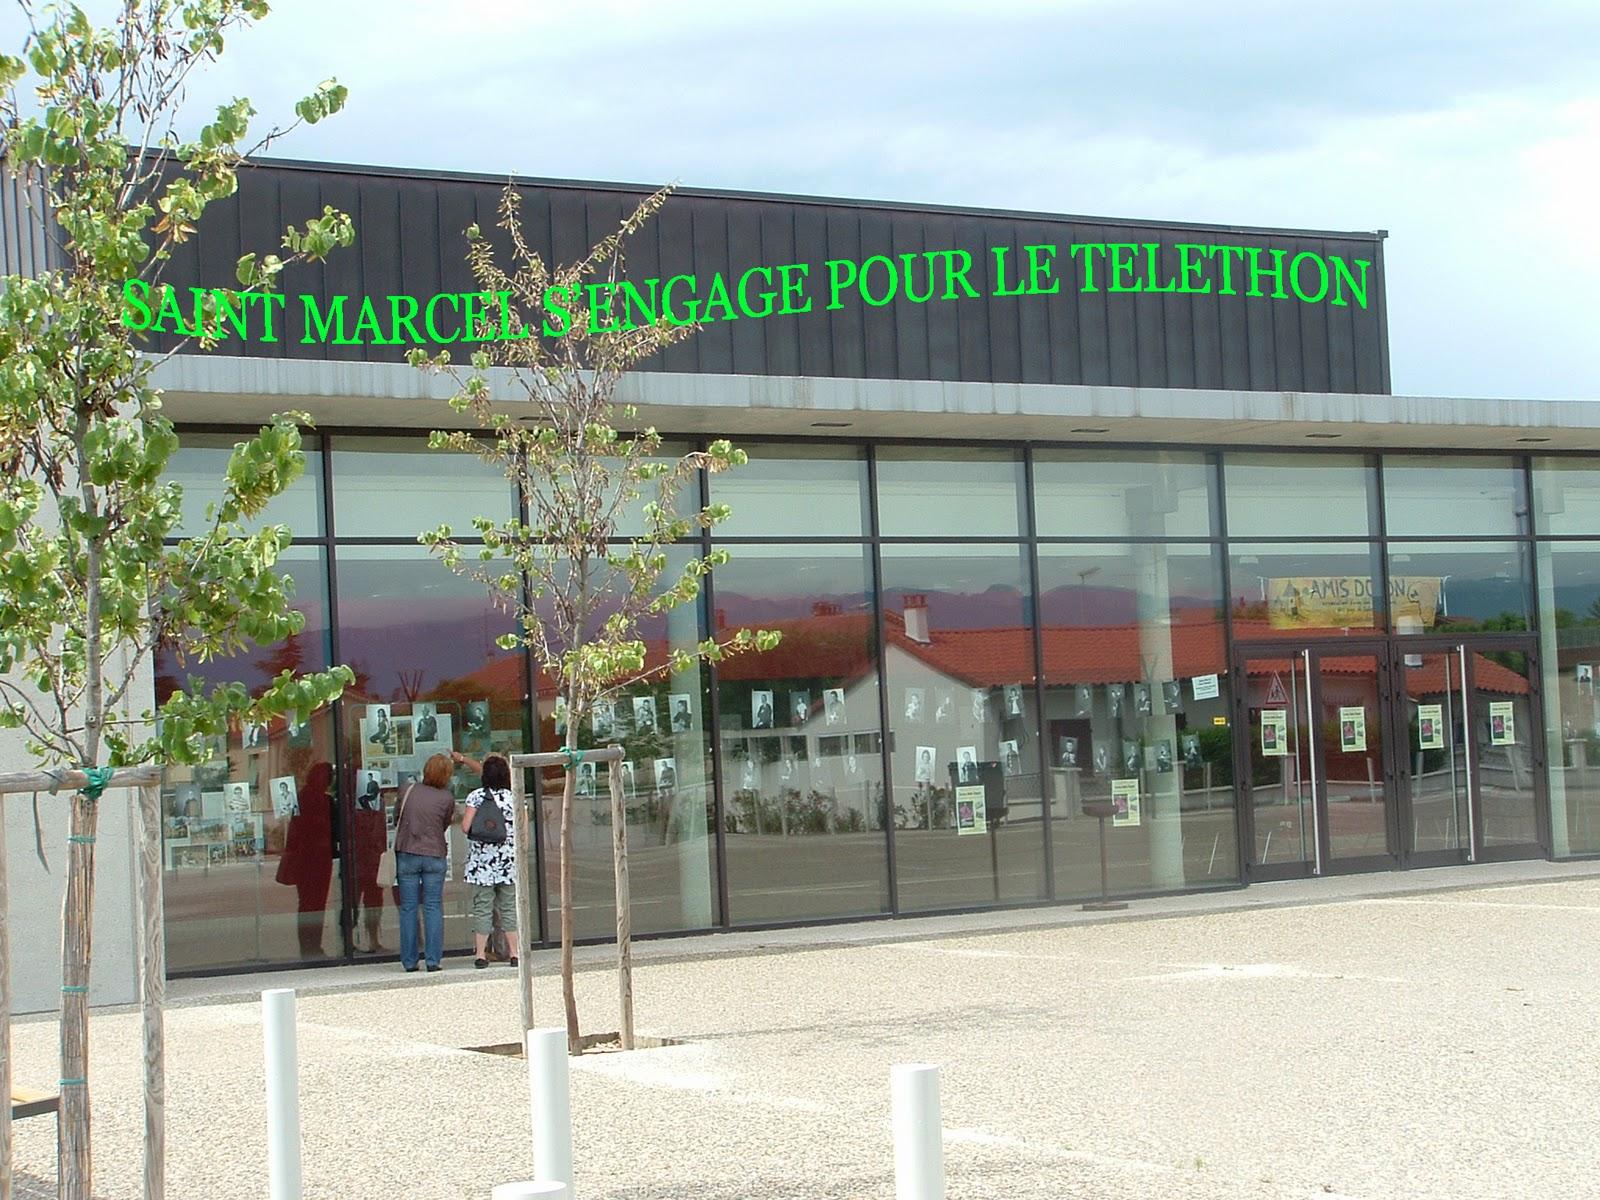 Bientot le telethon a saint marcel le blog de st marcel l s valence saint marcel - Castorama saint marcel les valence ...